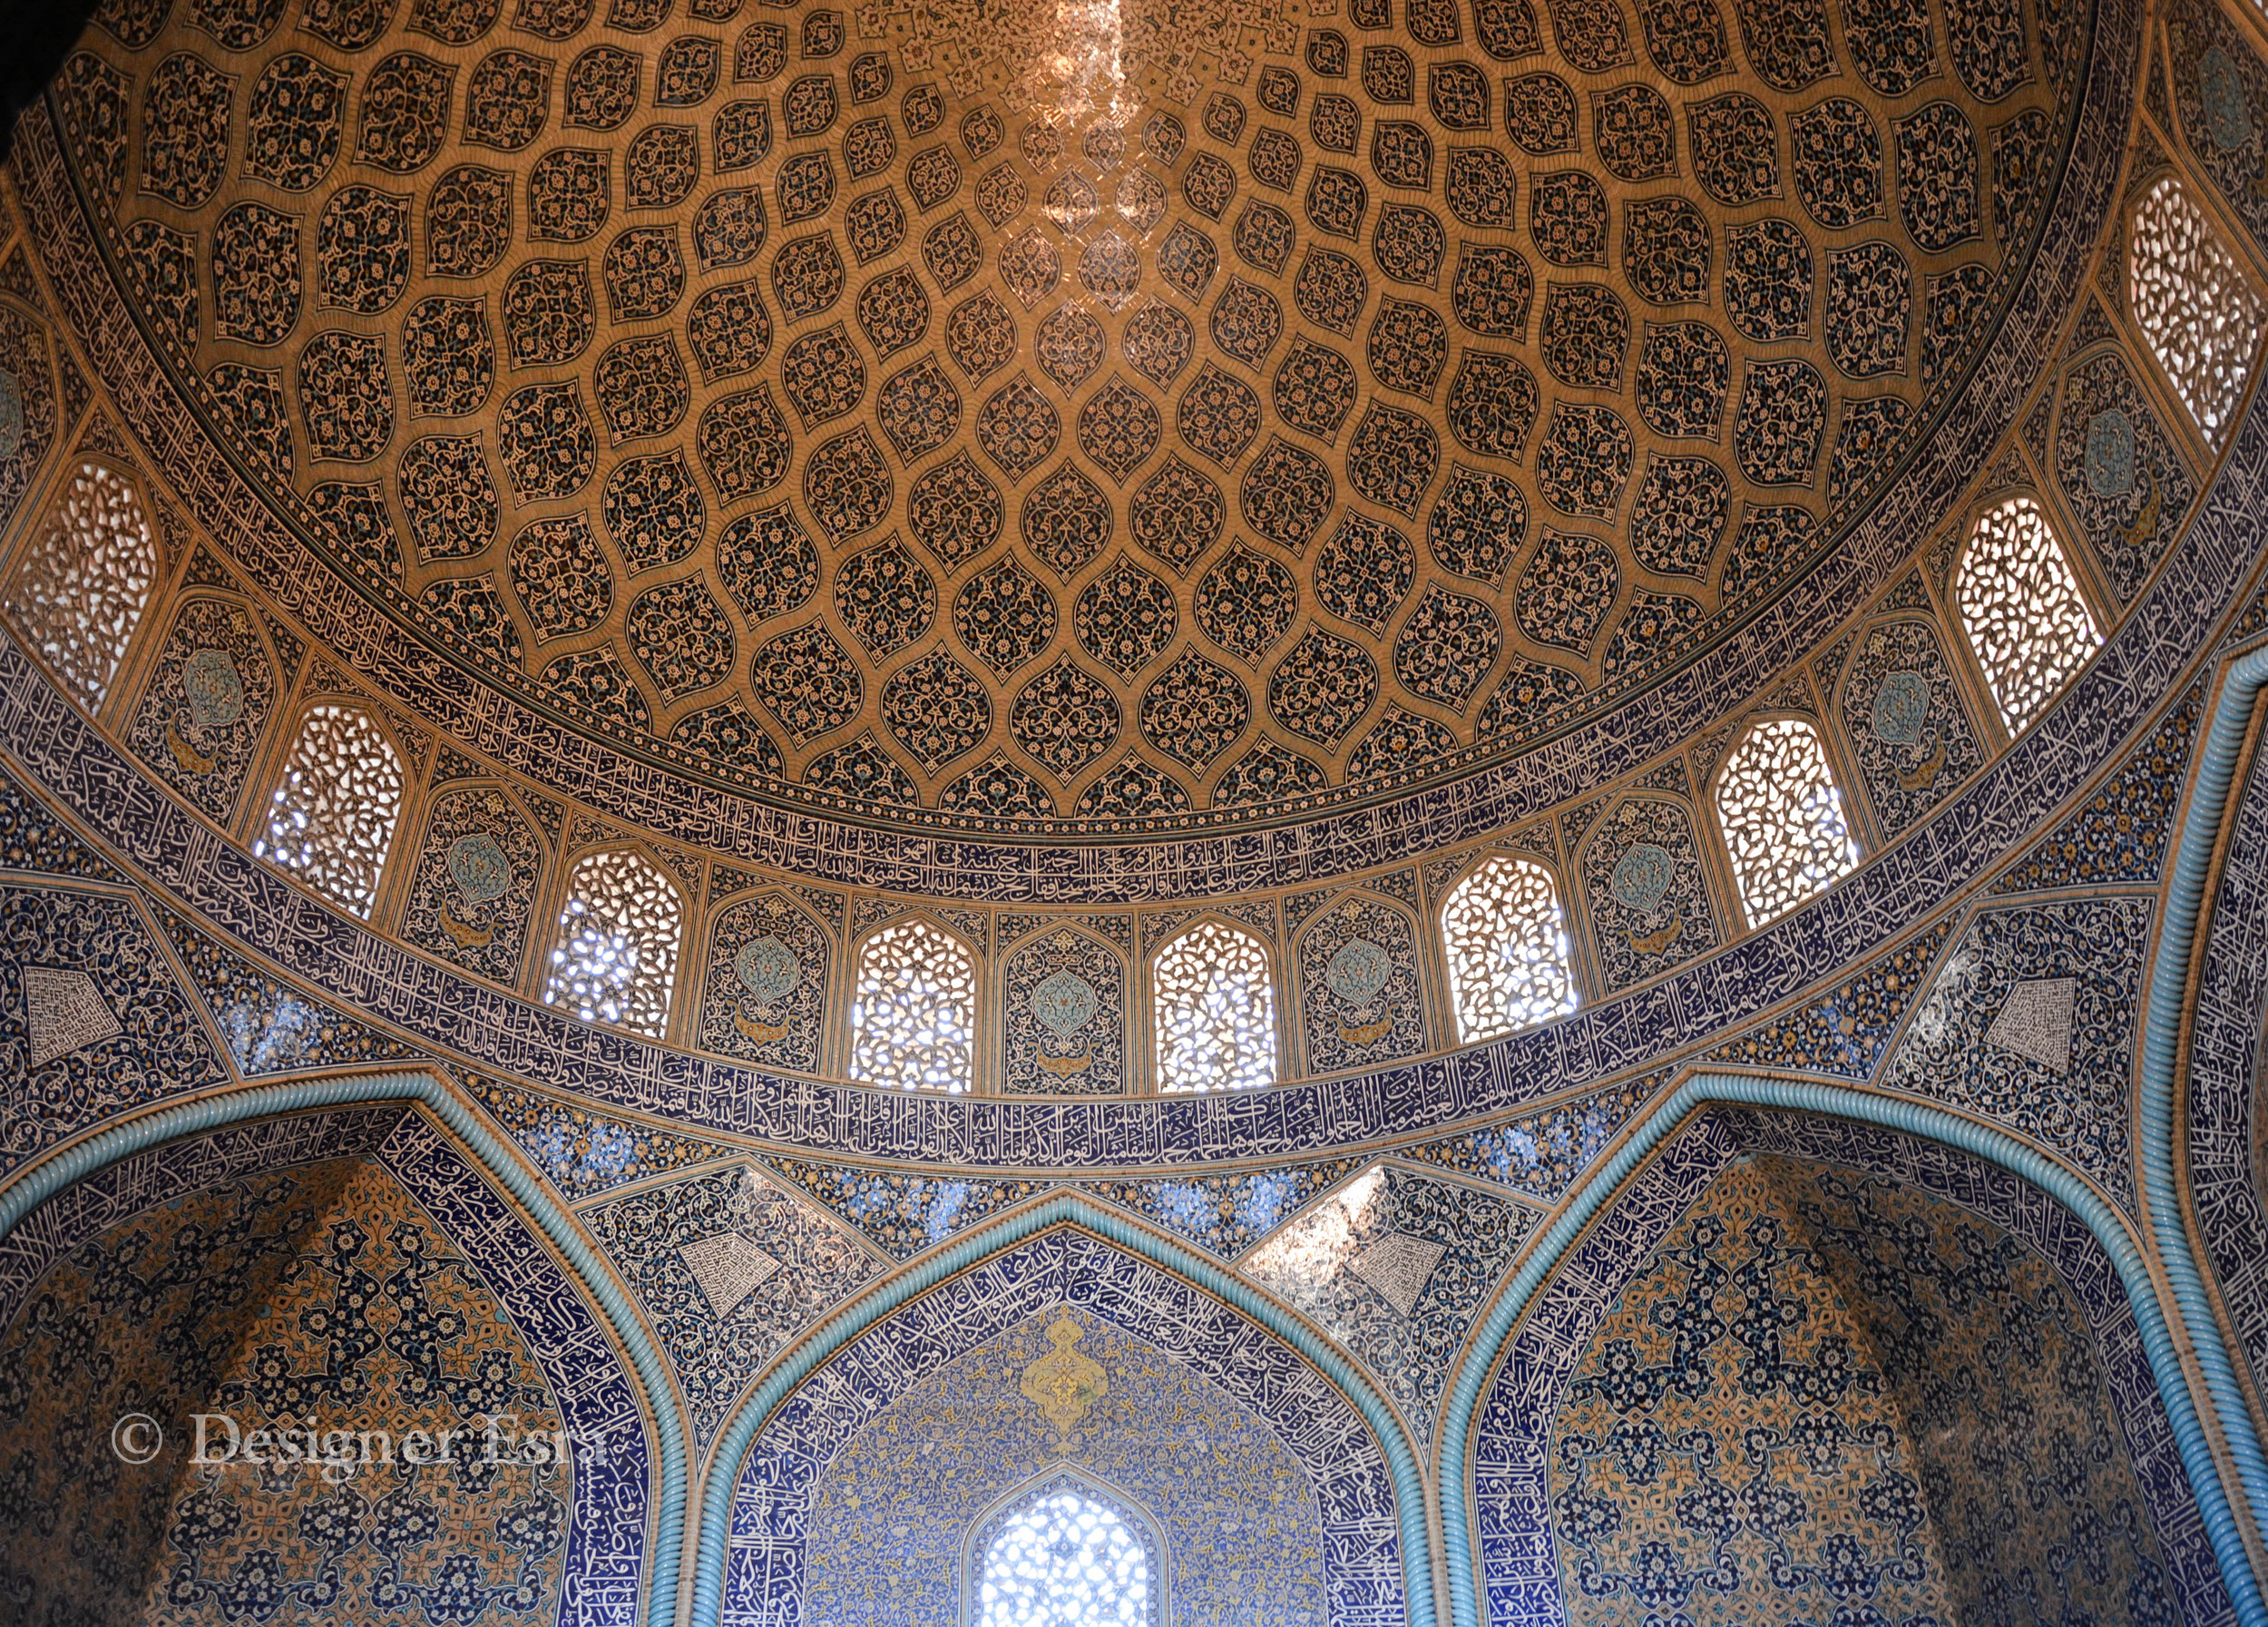 Main Interior of the Shaykh Lutfallah Mosque in Iran  مسجد الشيخ لطف الله في ايران